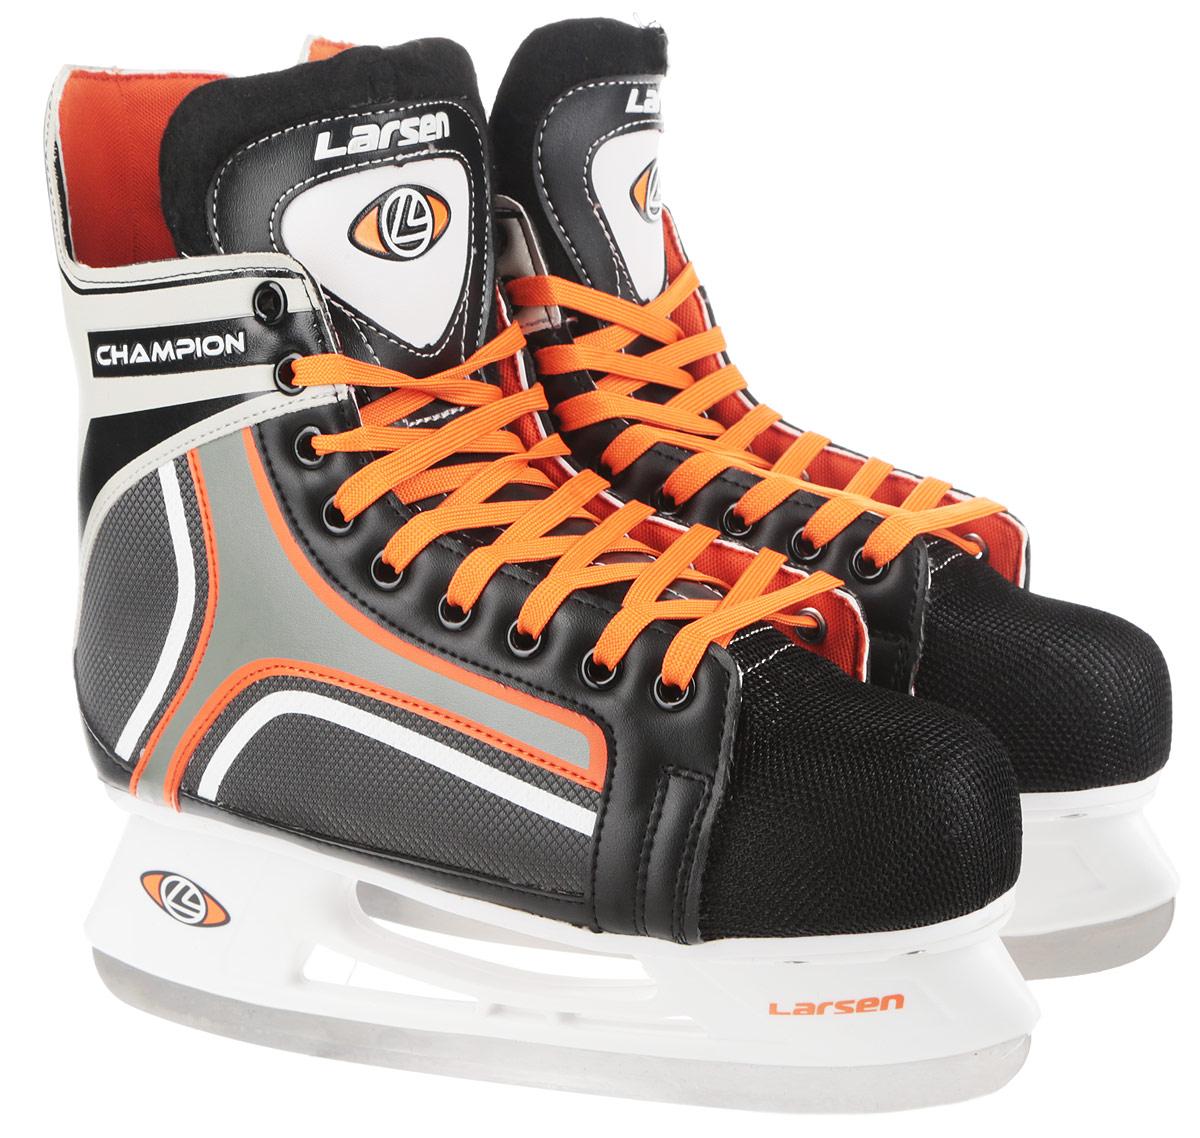 Коньки хоккейные мужские Larsen Champion, цвет: черный, белый, оранжевый. Размер 40Atemi Force 3.0 2012 Black-GrayСтильные коньки Champion от Larsen прекрасно подойдут для начинающих игроков в хоккей.Ботинок выполнен из морозоустойчивого поливинилхлорида. Мыс дополненвставкой из полипропилена, покрытого сетчатым нейлоном, которая защитит ноги от ударов.Внутренний слой изготовлен измягкого текстиля, который обеспечит тепло и комфорт во время катания, язычок - из войлока.Плотная шнуровка надежно фиксирует модель на ноге. Голеностоп имеет удобный суппорт. Стелька из EVA с текстильной поверхностью обеспечит комфортное катание. Стойкавыполнена из ударопрочного полипропилена. Лезвие из нержавеющей стали обеспечитпревосходное скольжение. В комплект входят пластиковые чехлы для лезвий. Температура использования до -20°С.